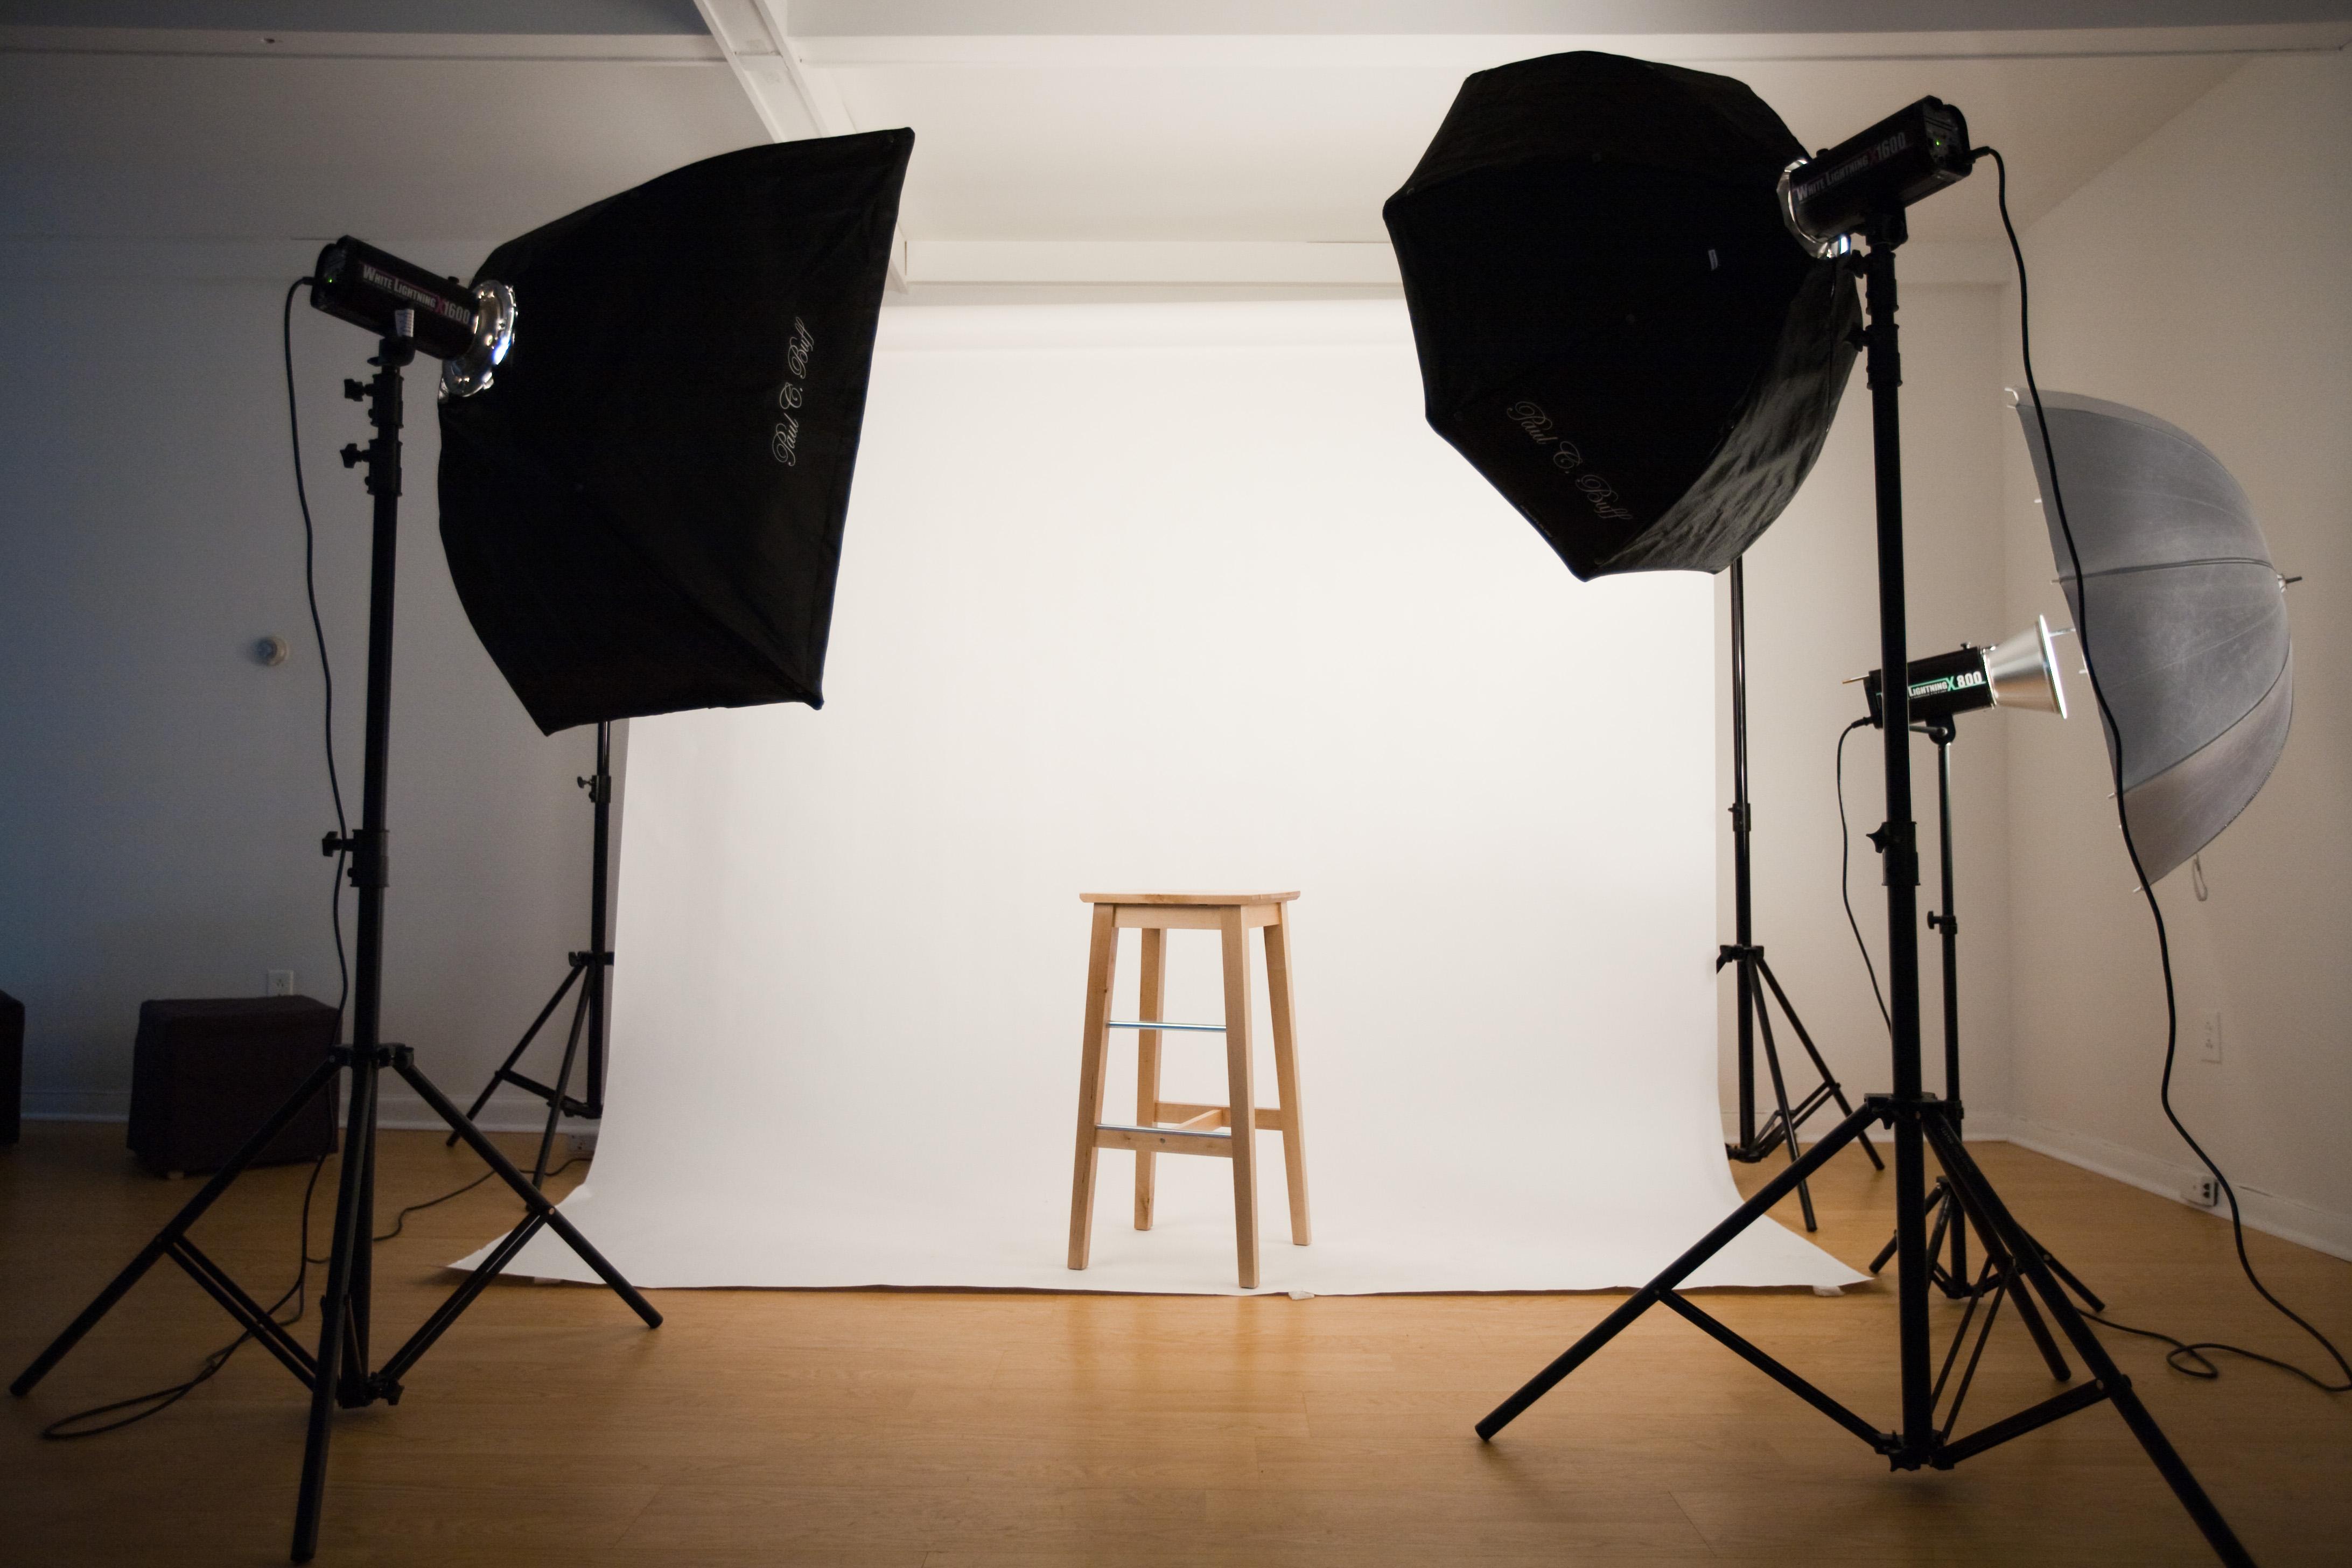 هزینه تجهیزات آتلیه عکاسی